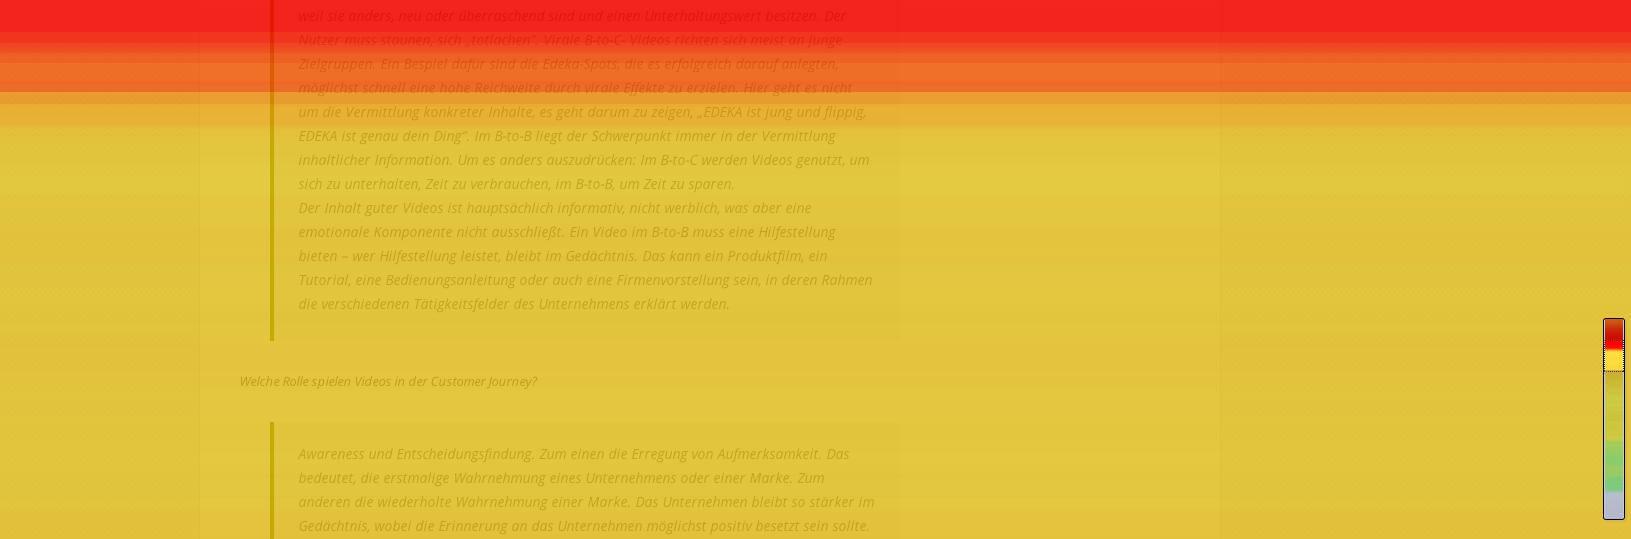 Yandex_scroll_map